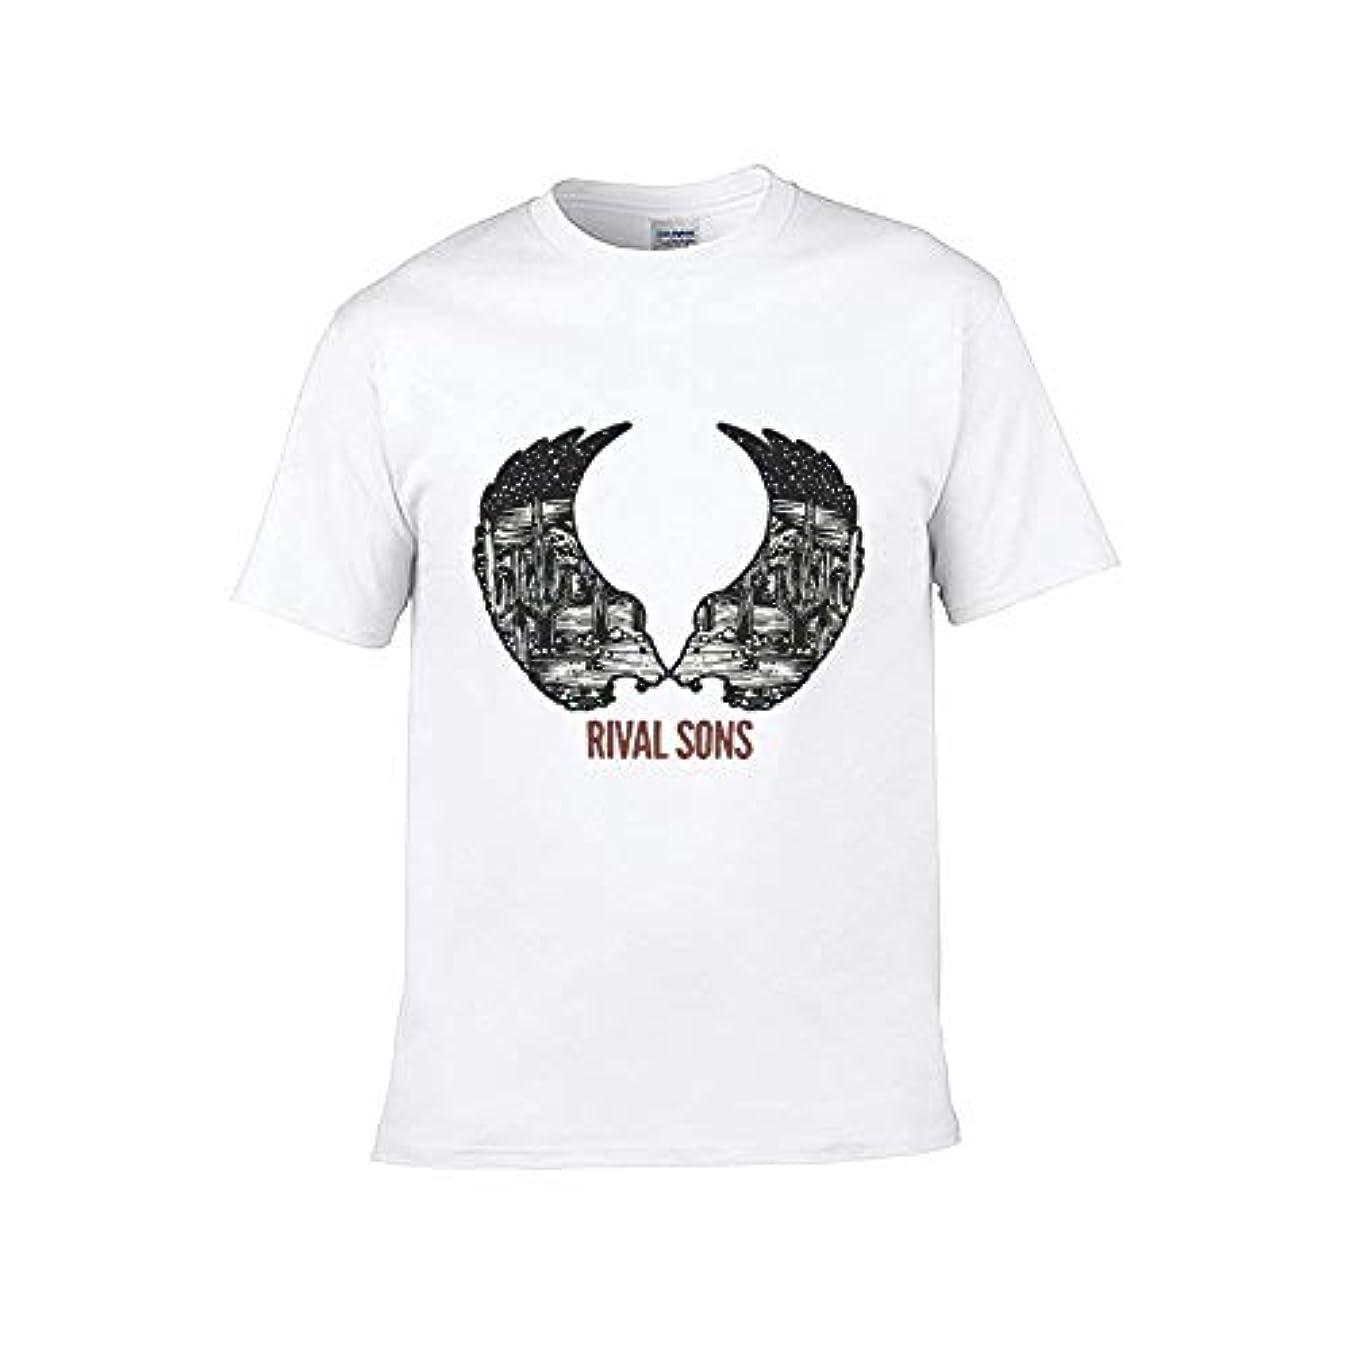 豊富メモ死ぬガールズ tシャツ ライバルサンズヘッドダウン半袖コットングラフィックTシャツ子供用Tシャツ(男の子と女の子)